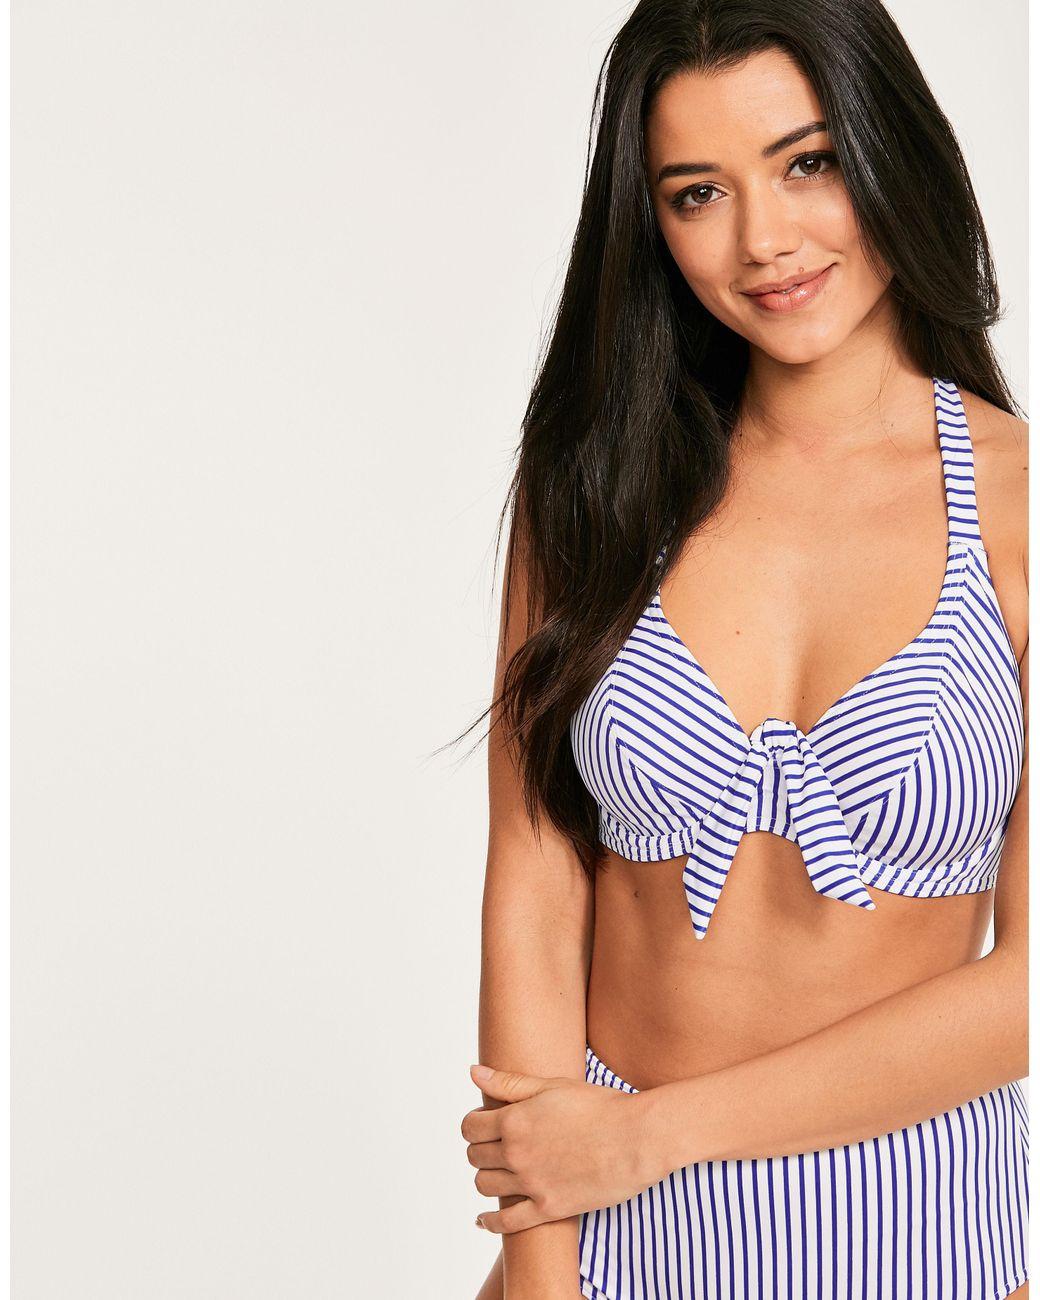 fff4a55df0ffb Freya Totally Stripe Underwired Banded Halter Bikini Top in Blue - Lyst